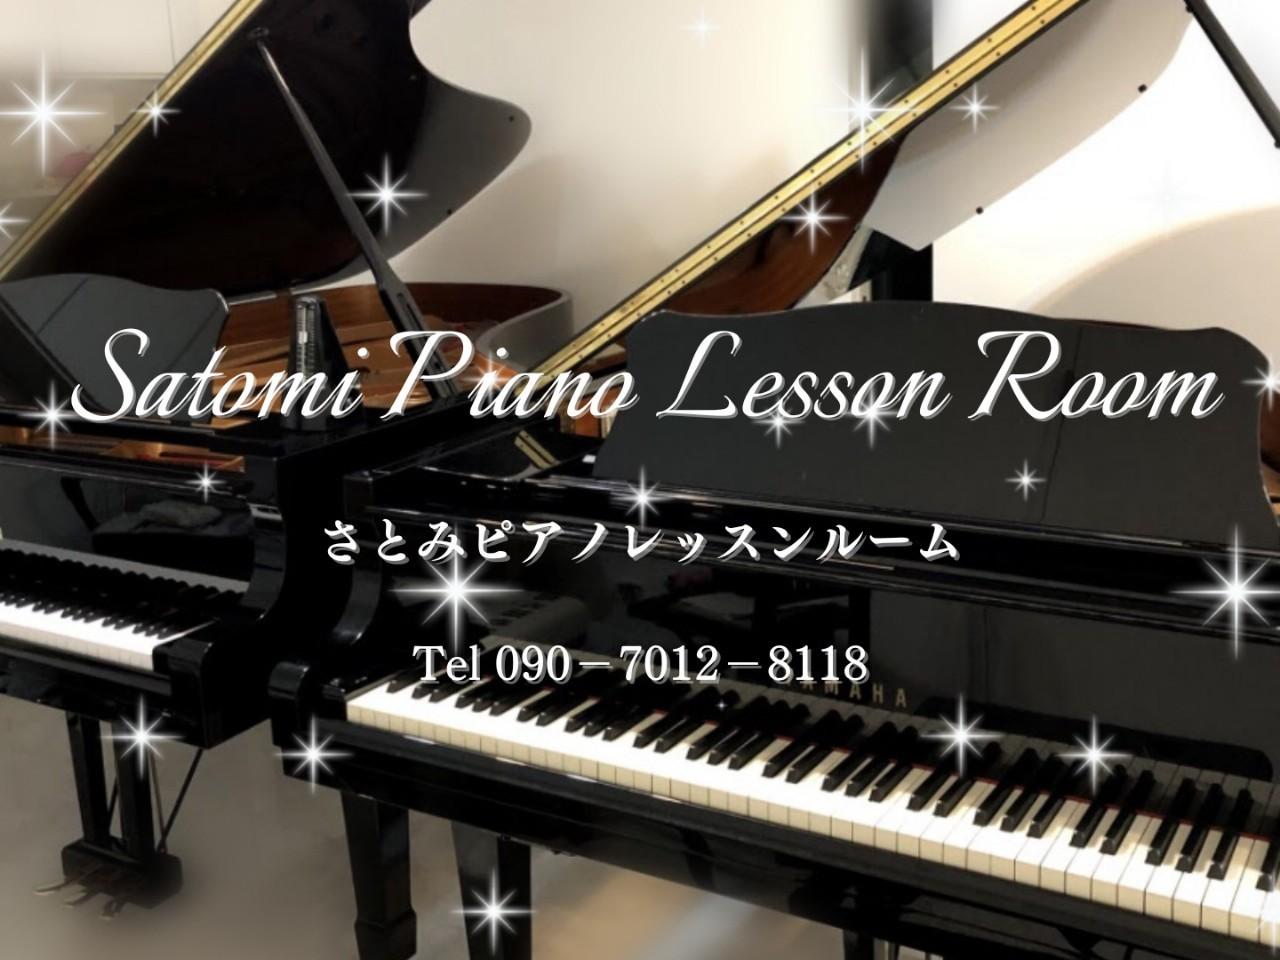 さとみピアノレッスンルームのサムネイル